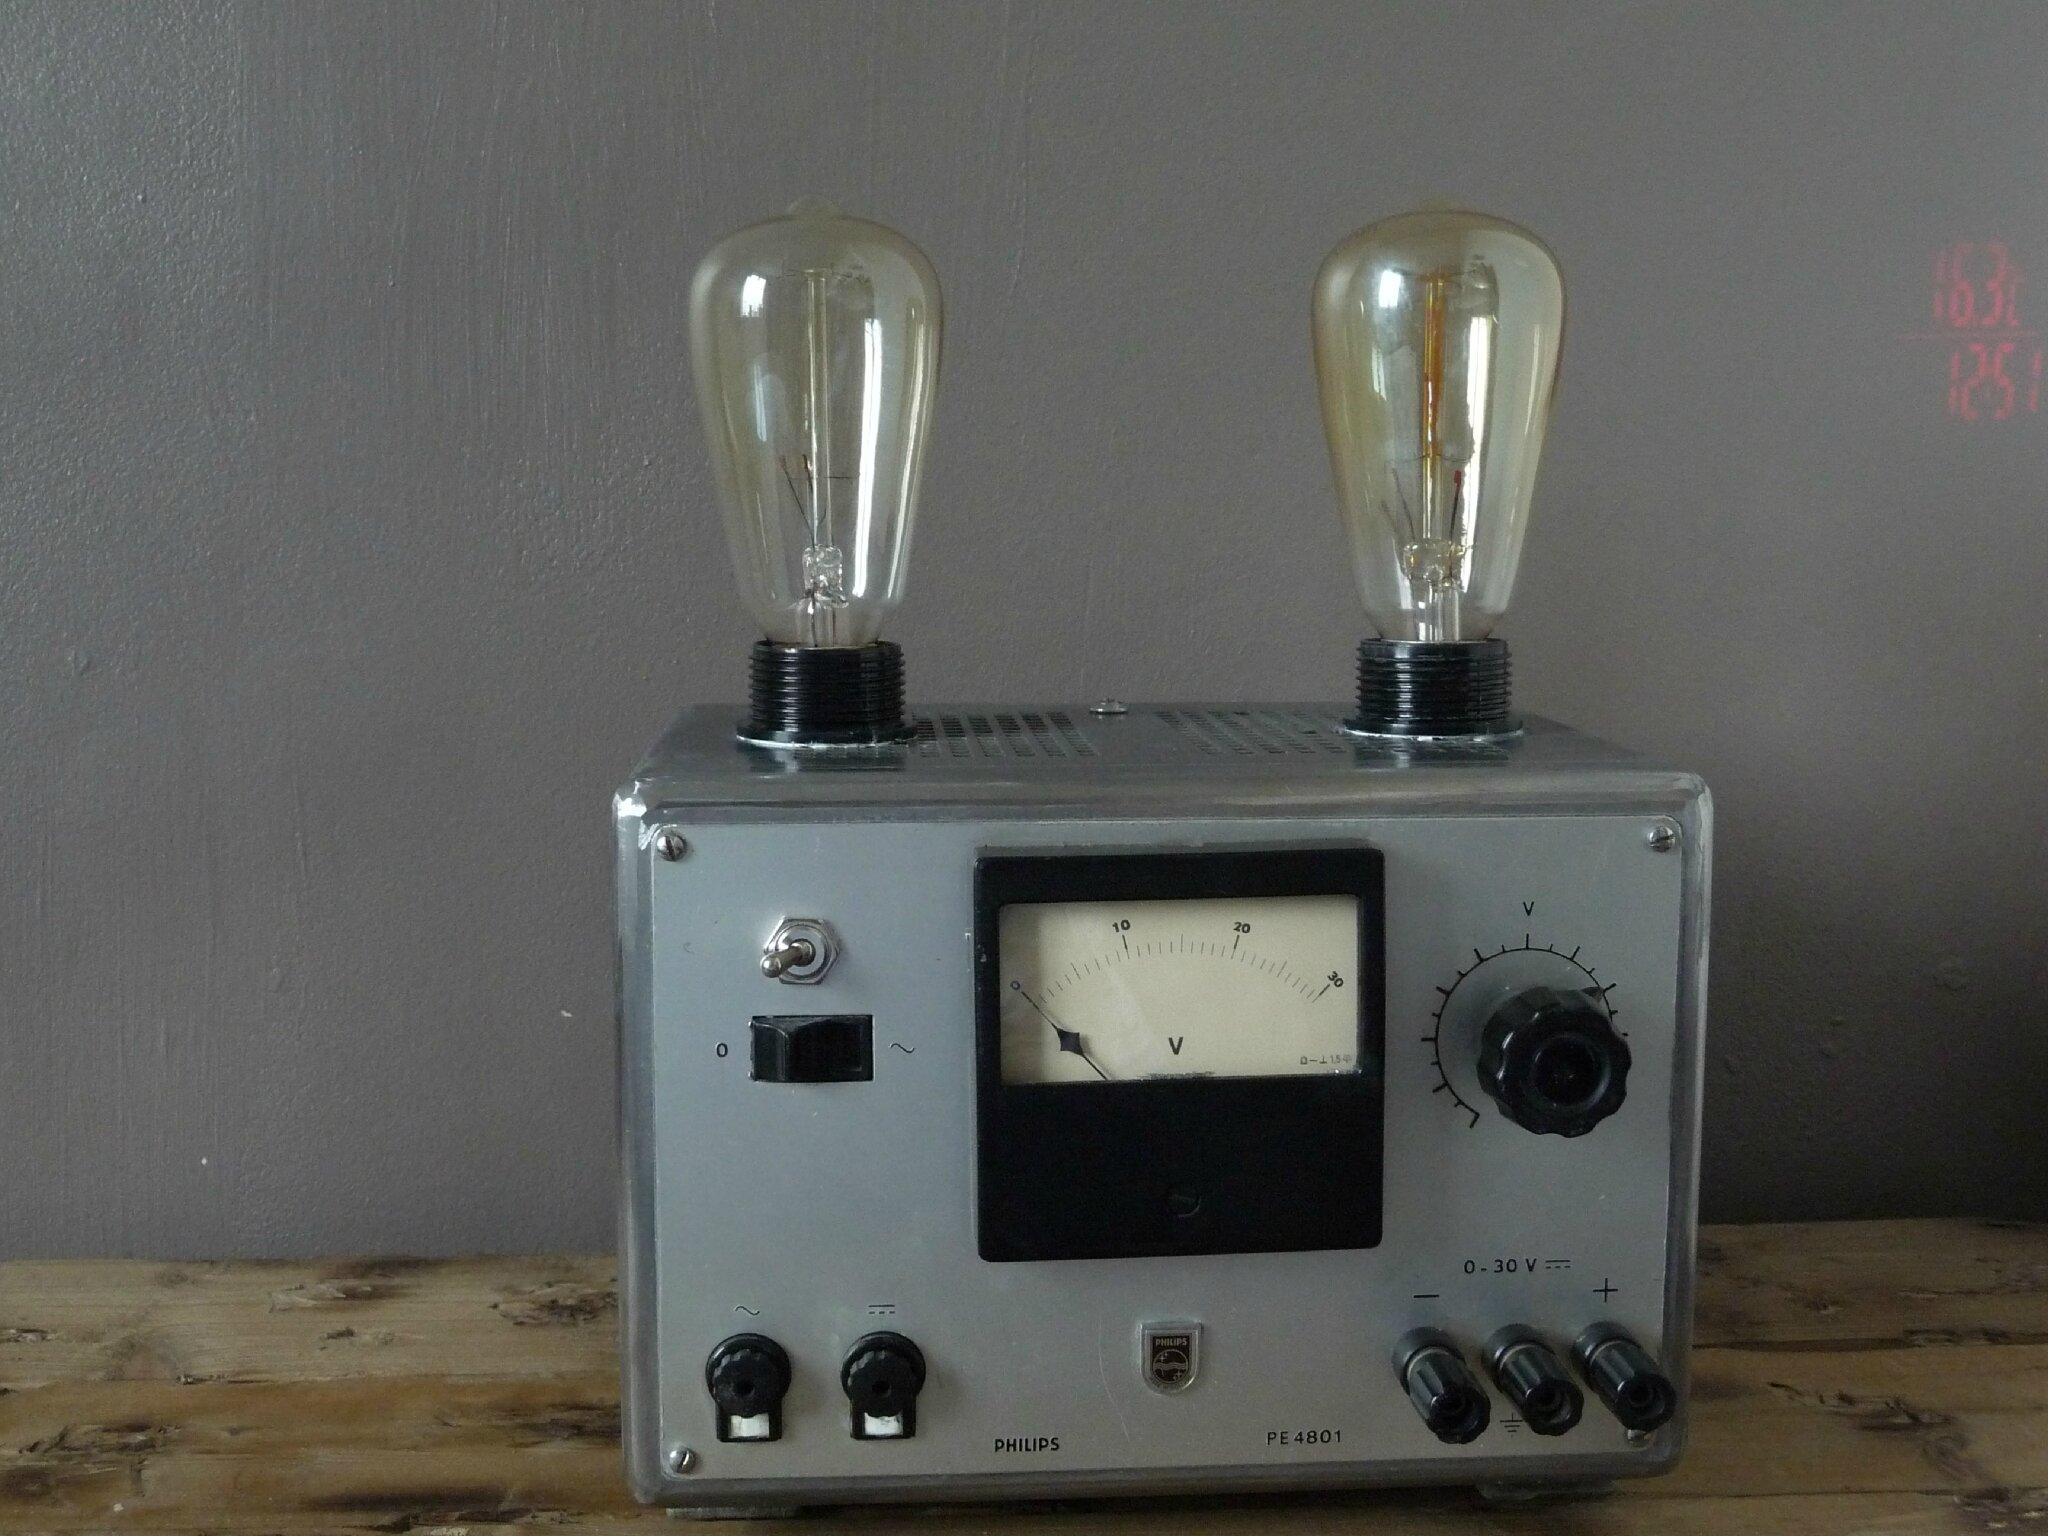 Une autre lampe industrielle indus home factory - Lampe industrielle ...